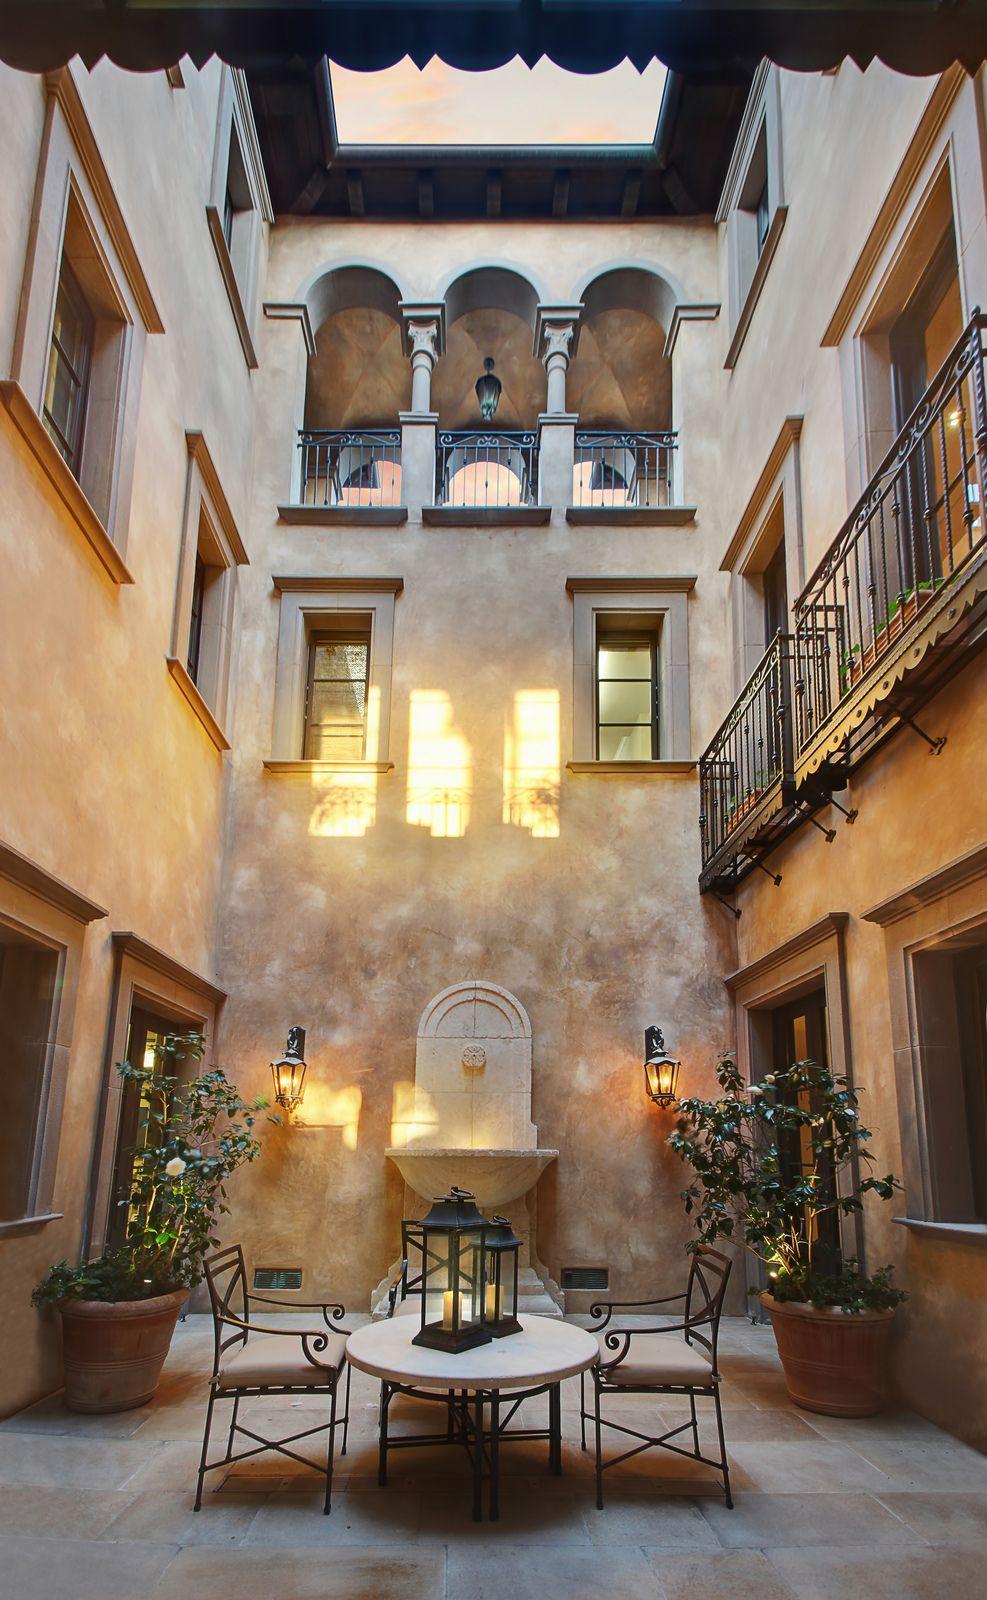 Seaside Villa With Italianate Architecture In California